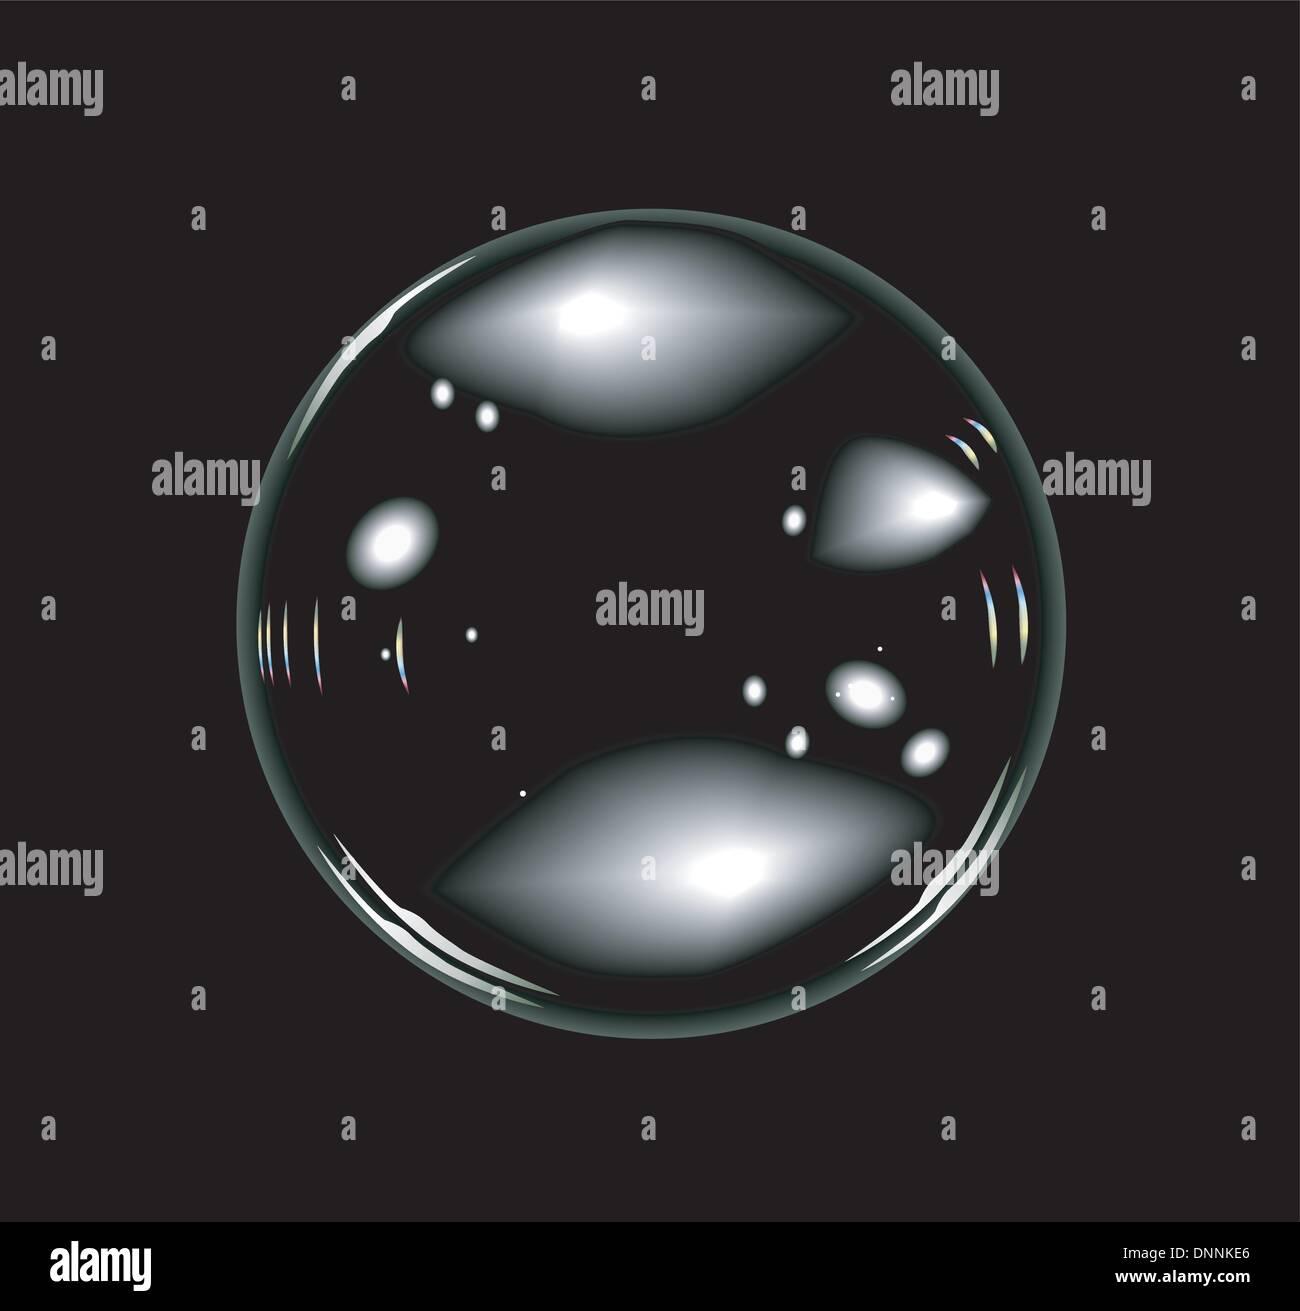 Vettore di bolle di sapone su sfondo nero. Nessuna trasparenza e gli effetti. Immagini Stock